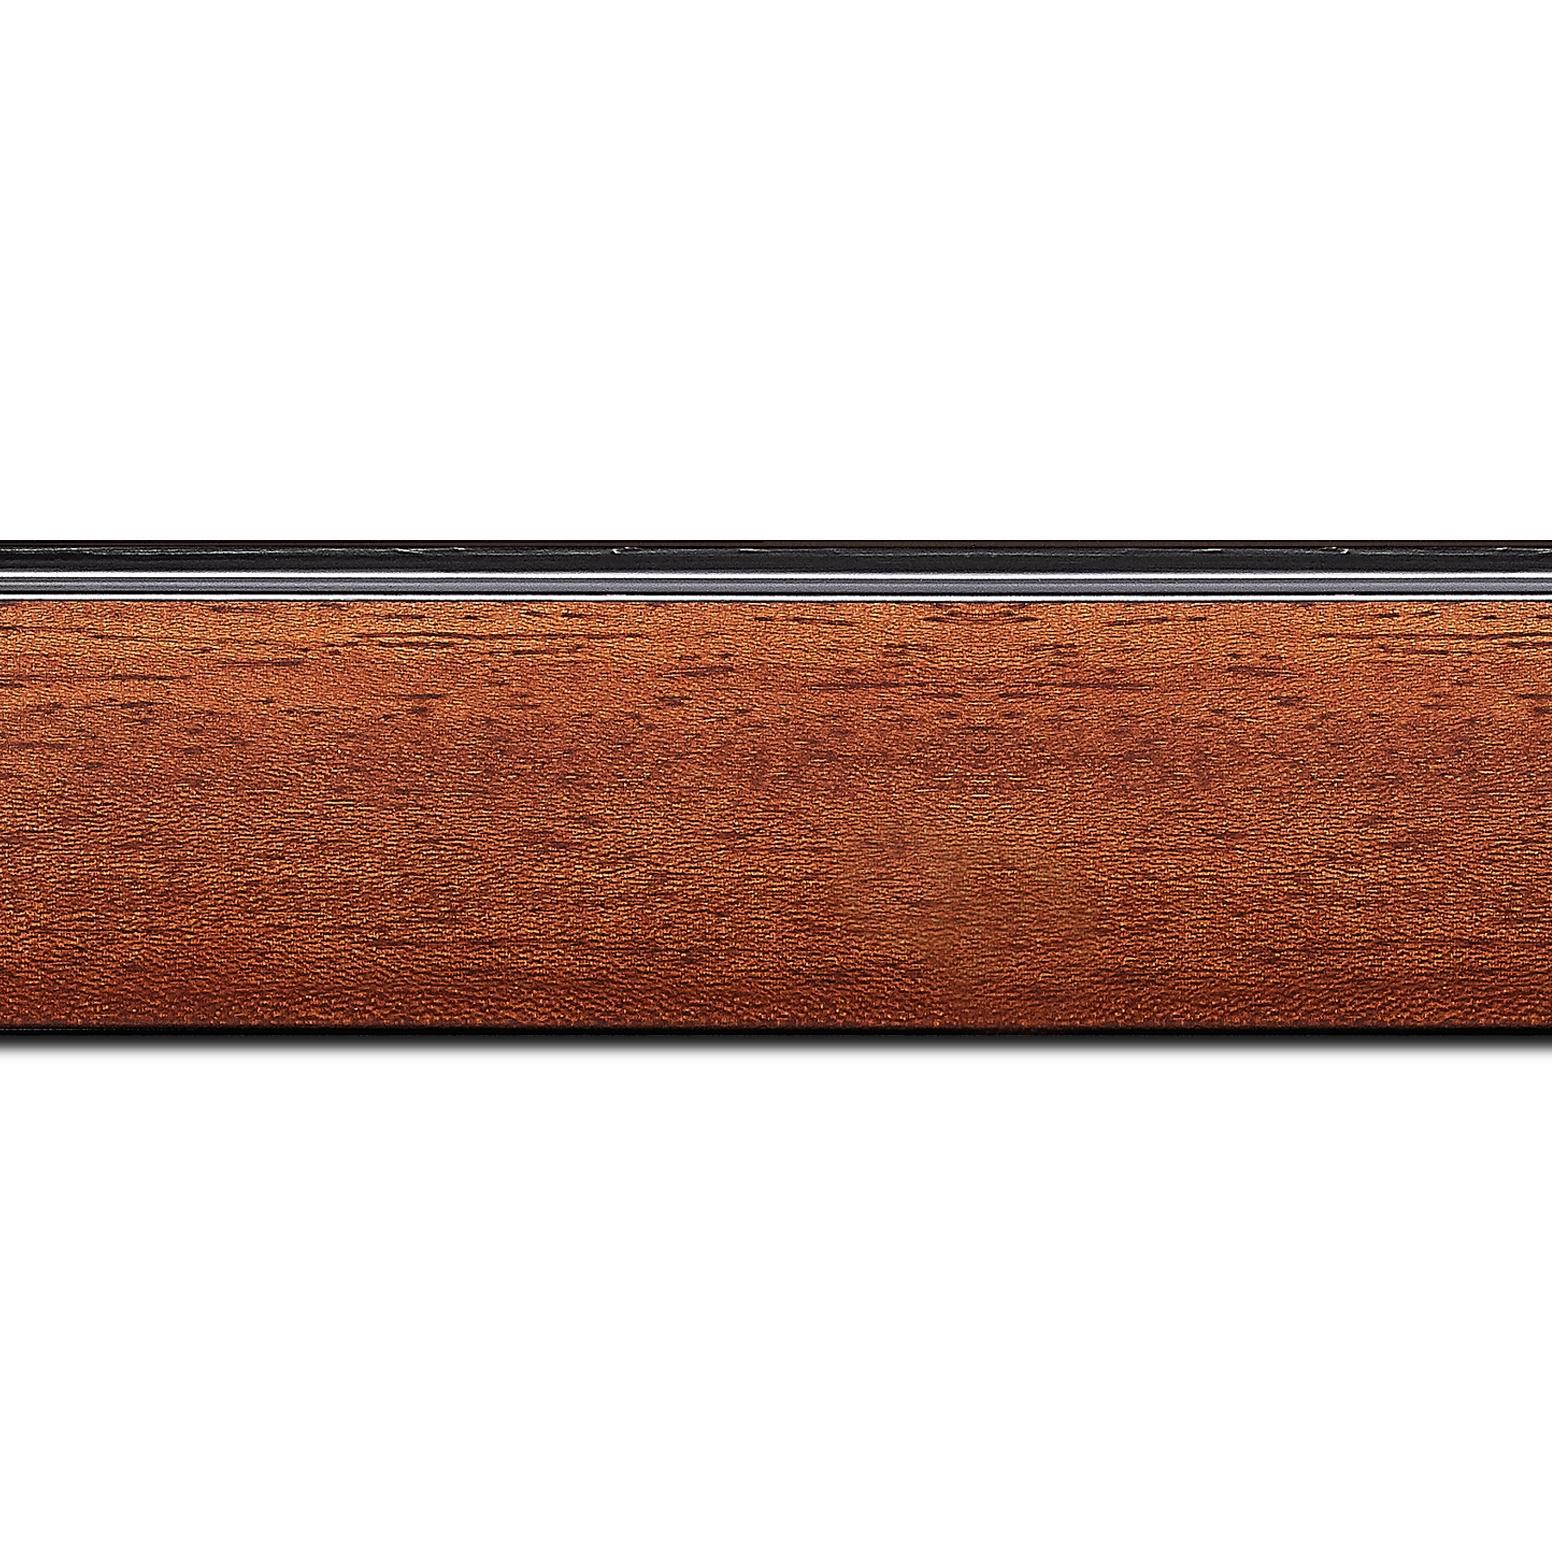 Baguette longueur 1.40m bois profil en pente méplat largeur 4.8cm couleur acajou satiné surligné par une gorge extérieure noire : originalité et élégance assurée